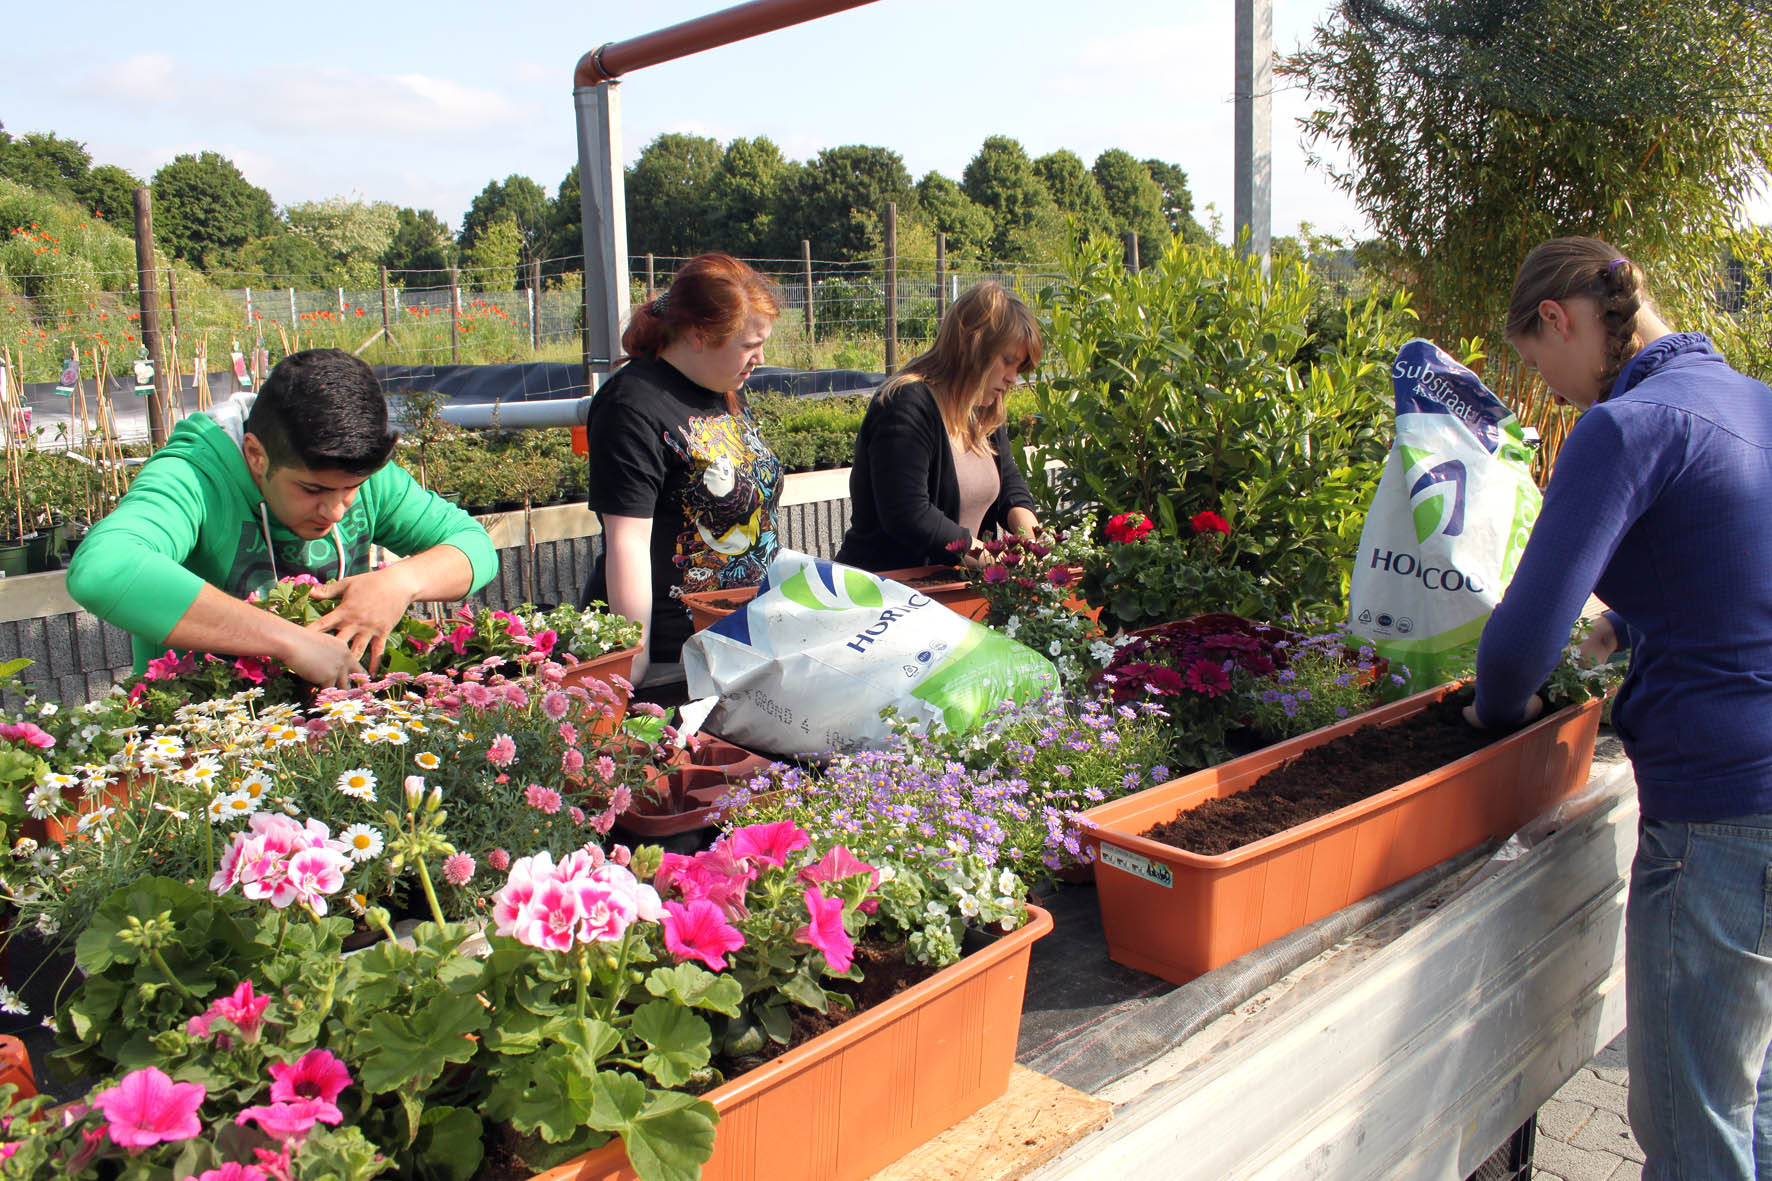 Blumenkästen vorbereiten und fachgerecht bepflanzen